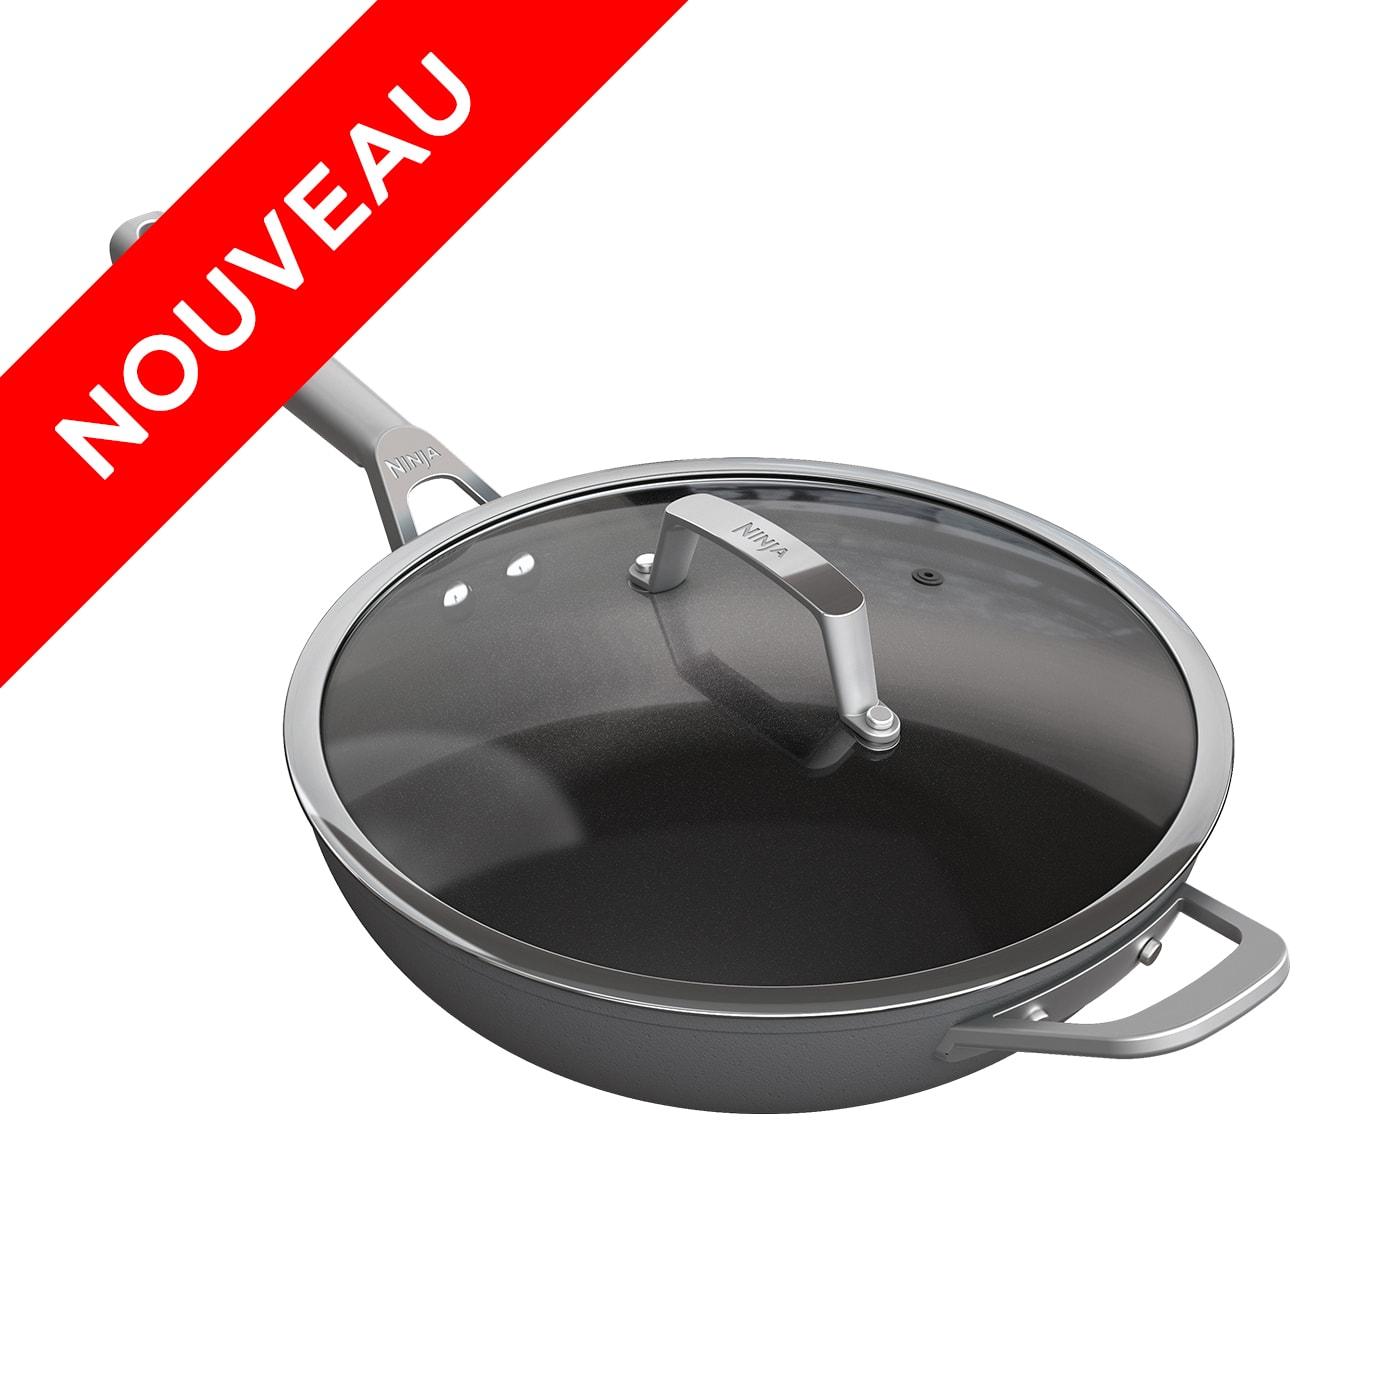 Navigate to Ninja Cookware